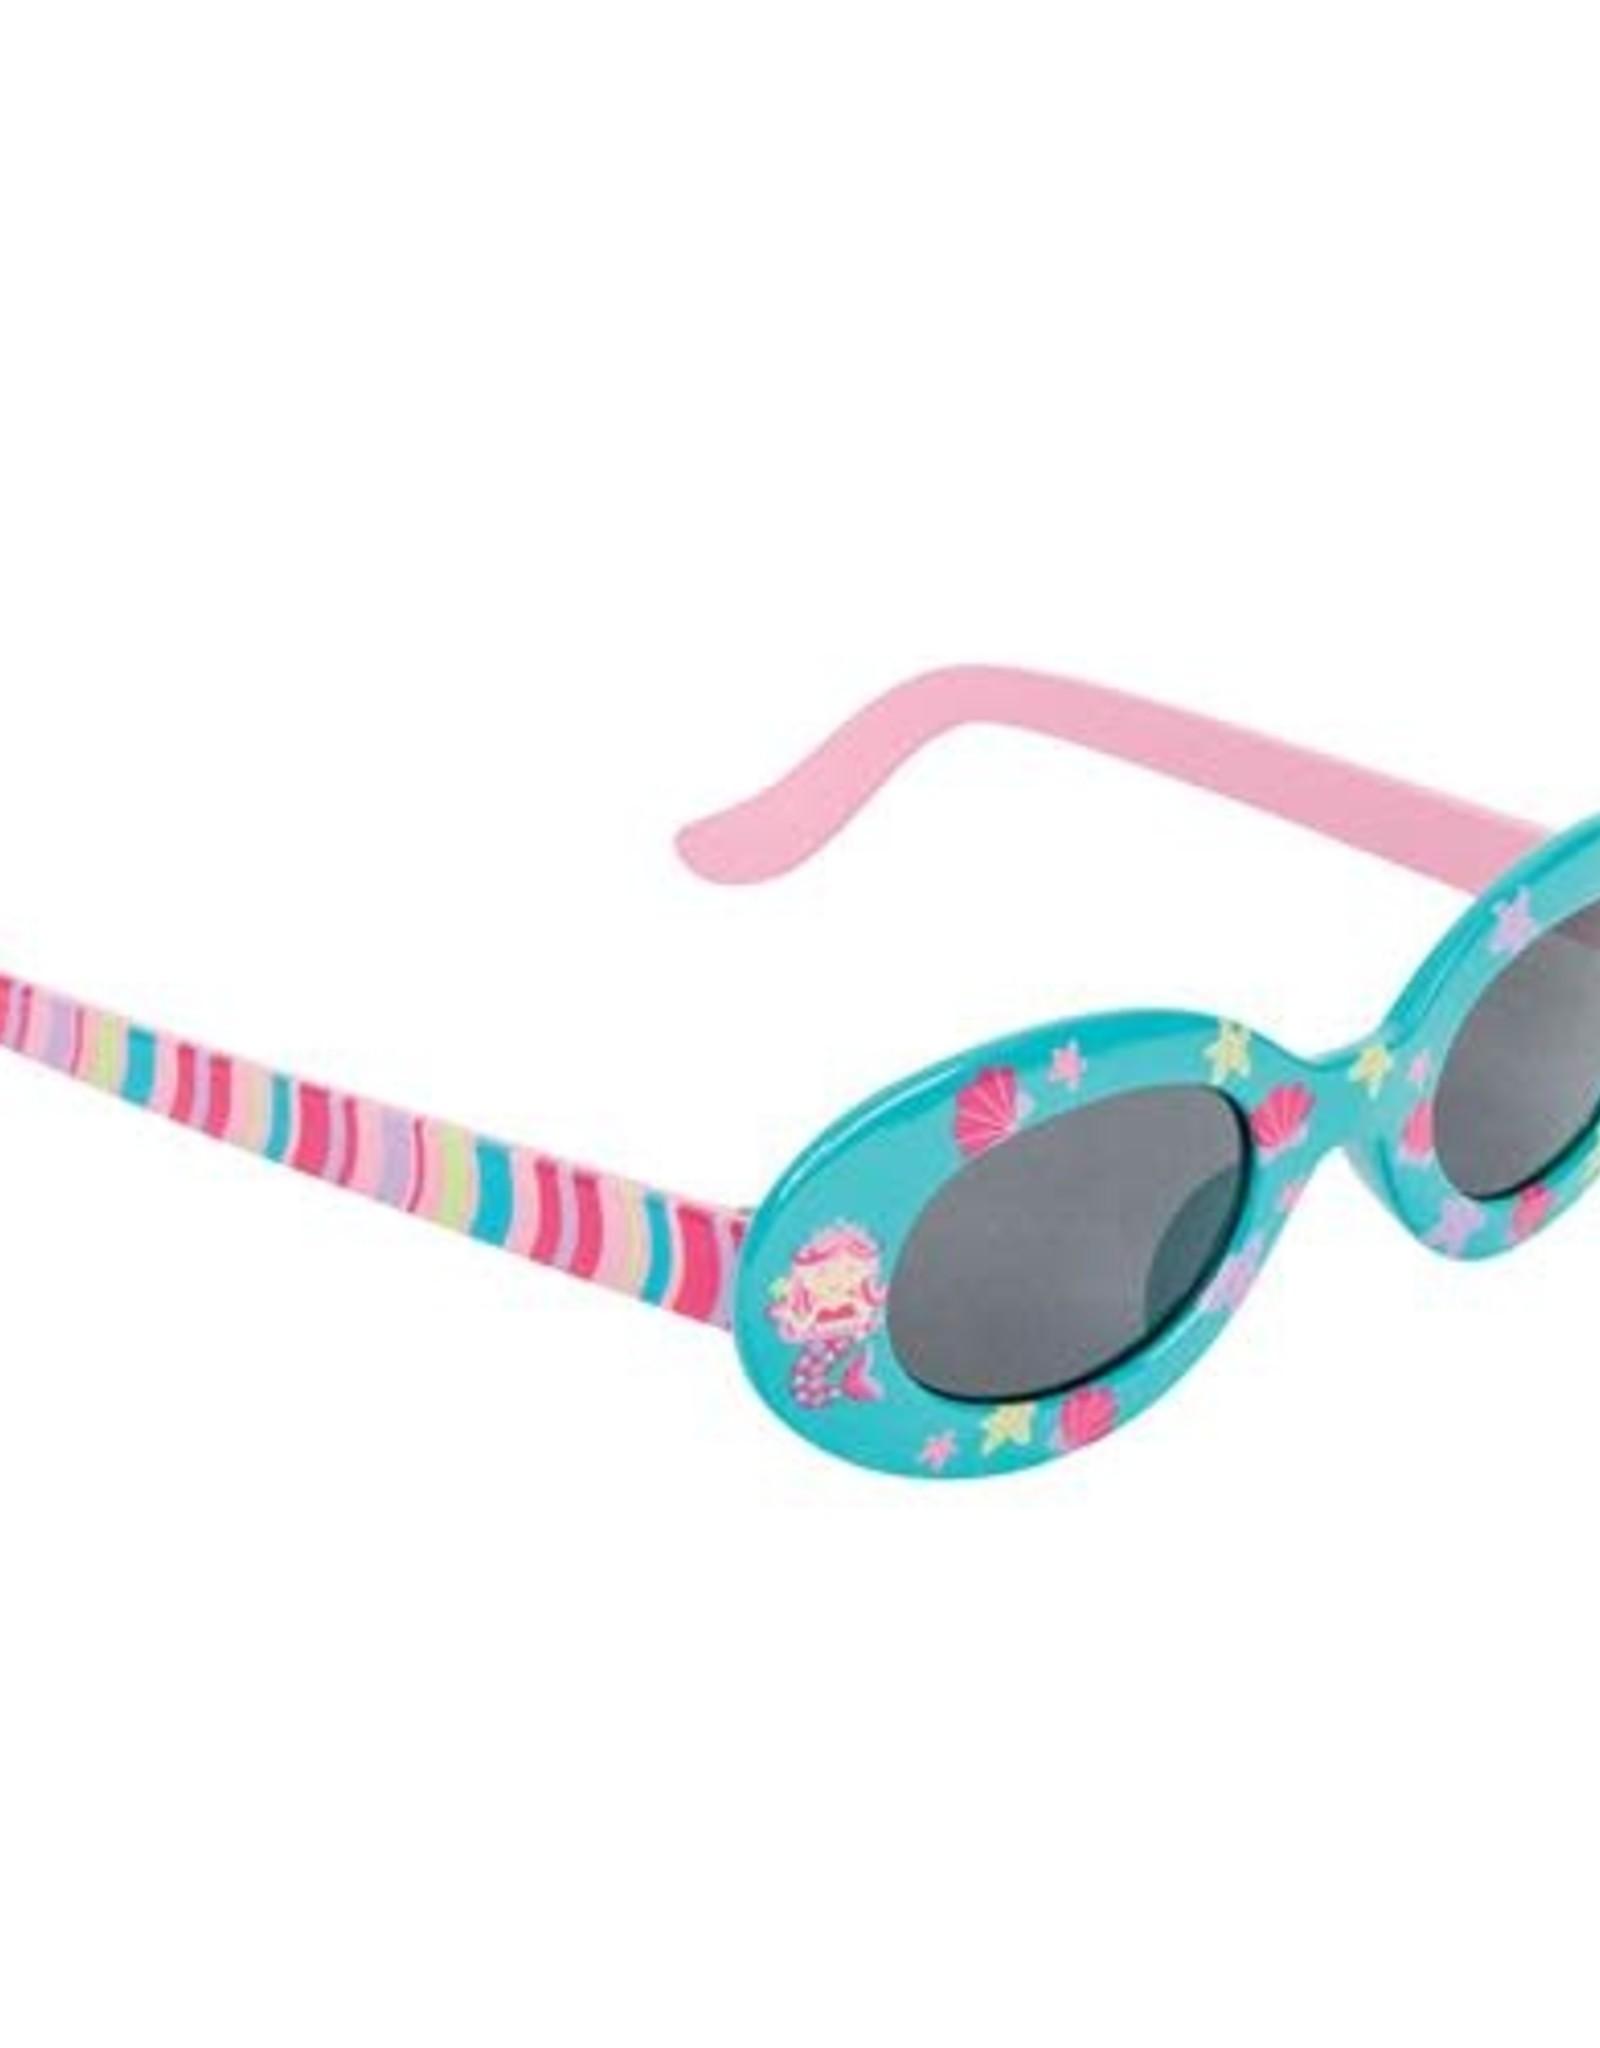 Stephen Joseph Kids Sunglasses - Mermaid Teal